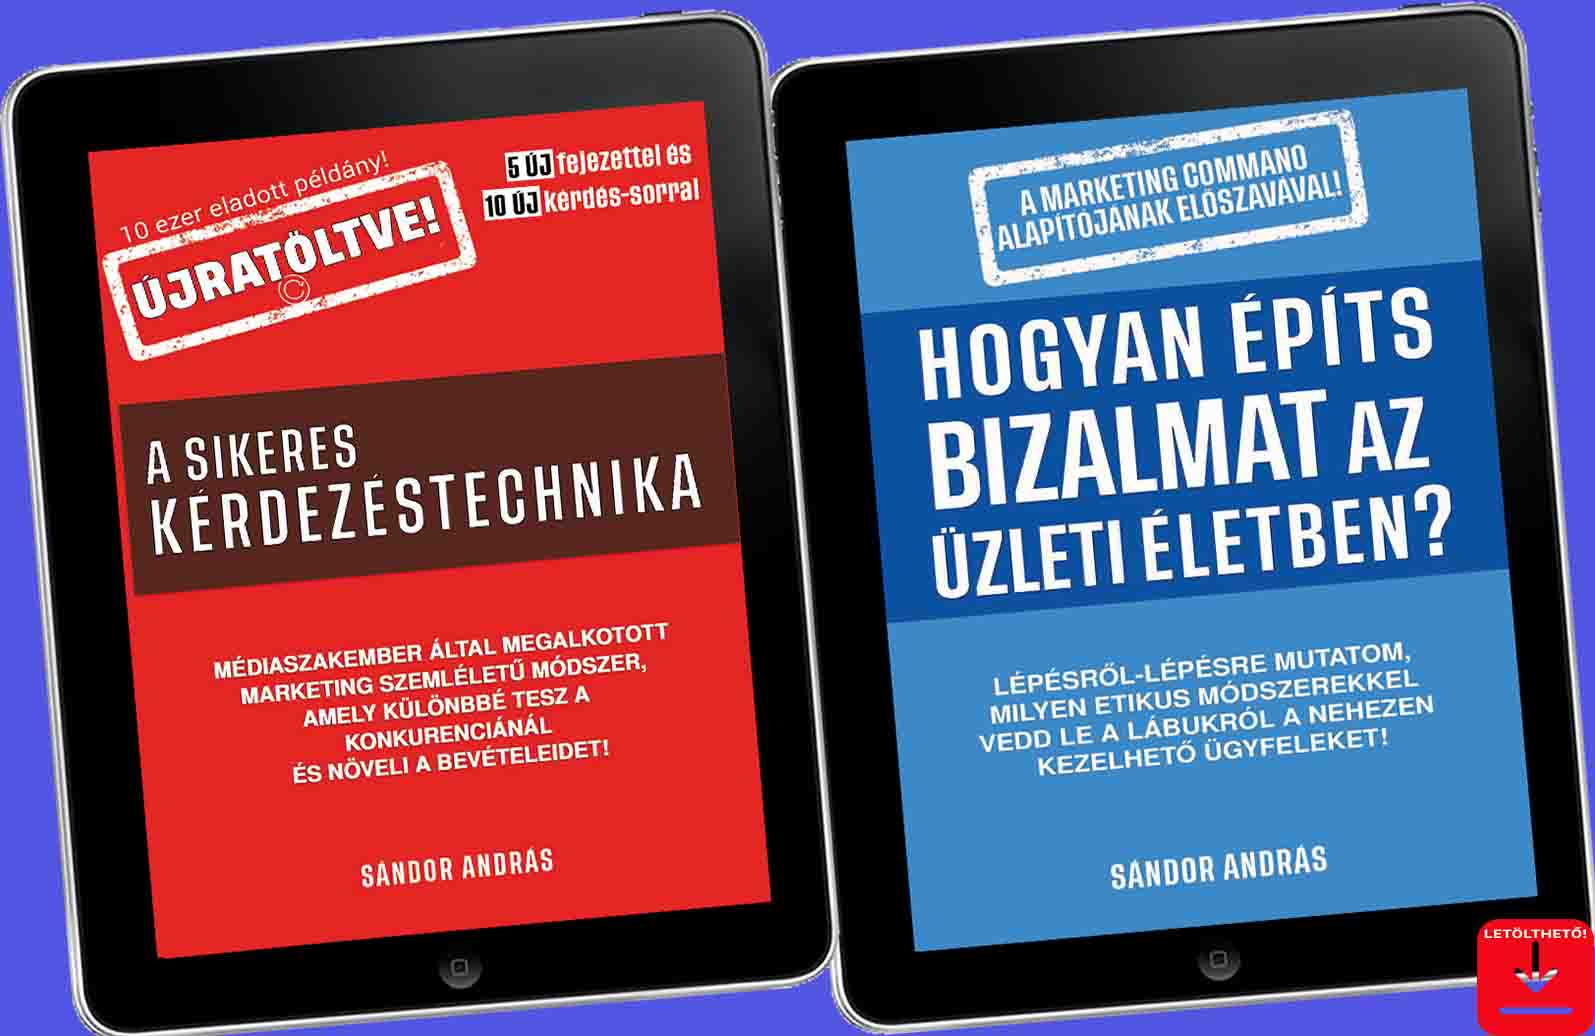 (PDF) Érzelemgazdaságtan - A közgazdasági elemzés kiterjesztése | Balazs Hamori - kosarsuli.hu